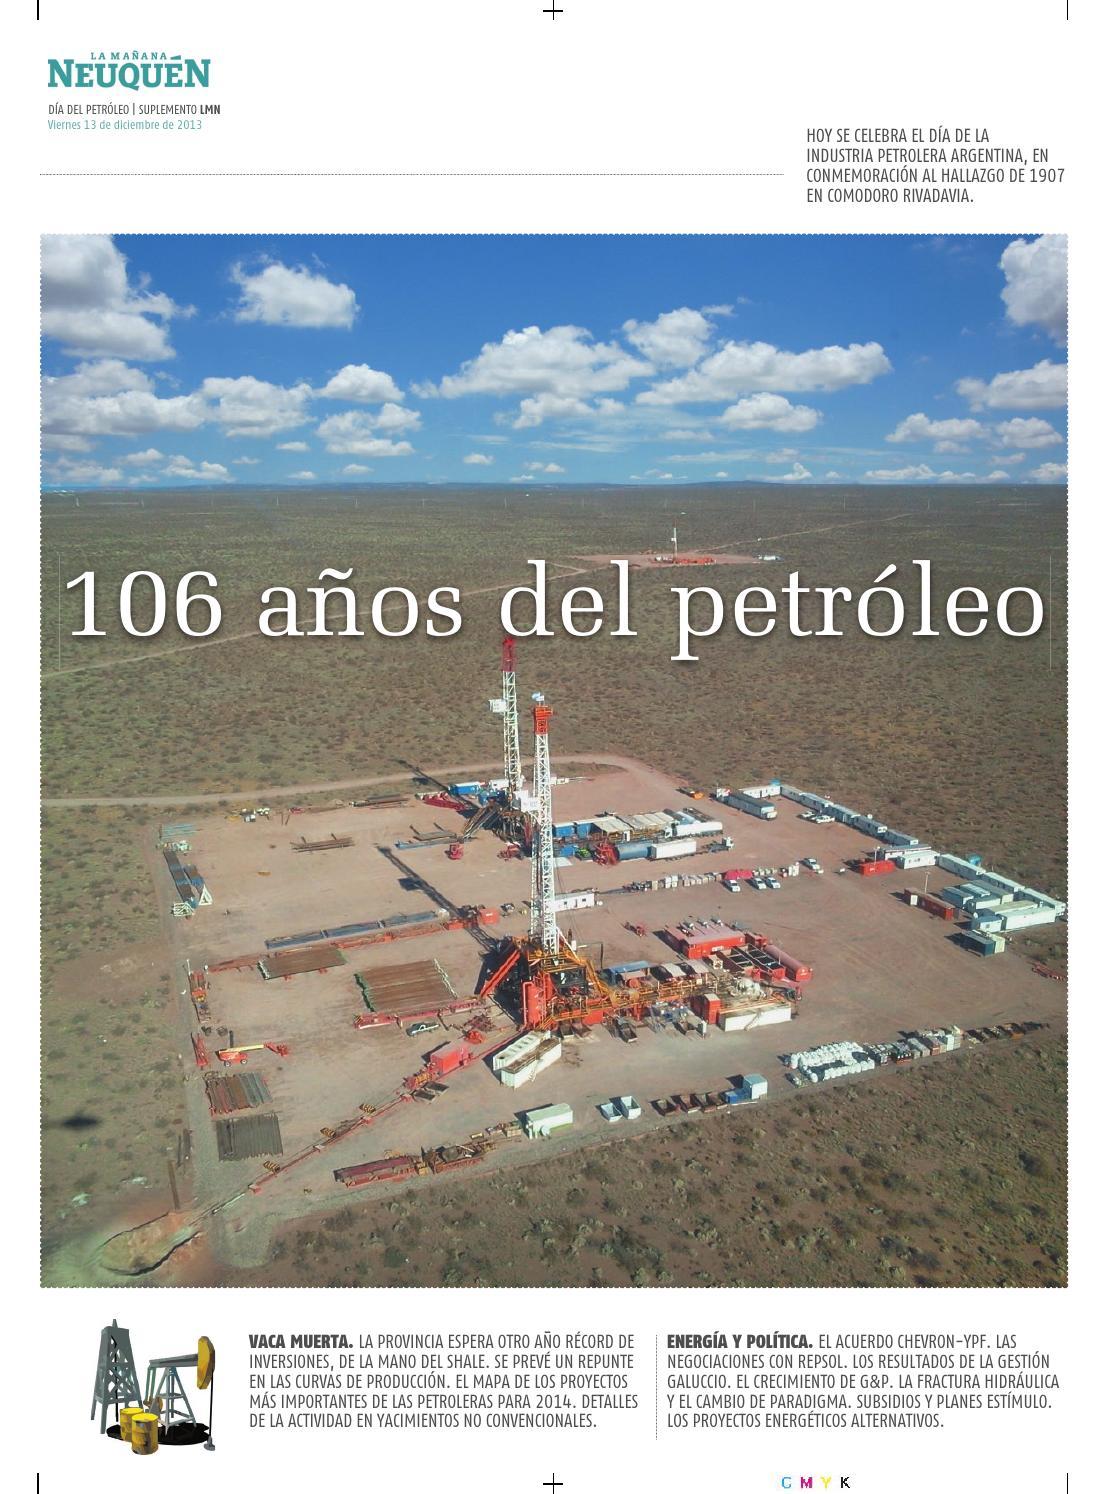 Suplemento 106 año del petróleo by Diario LM Neuquén - issuu